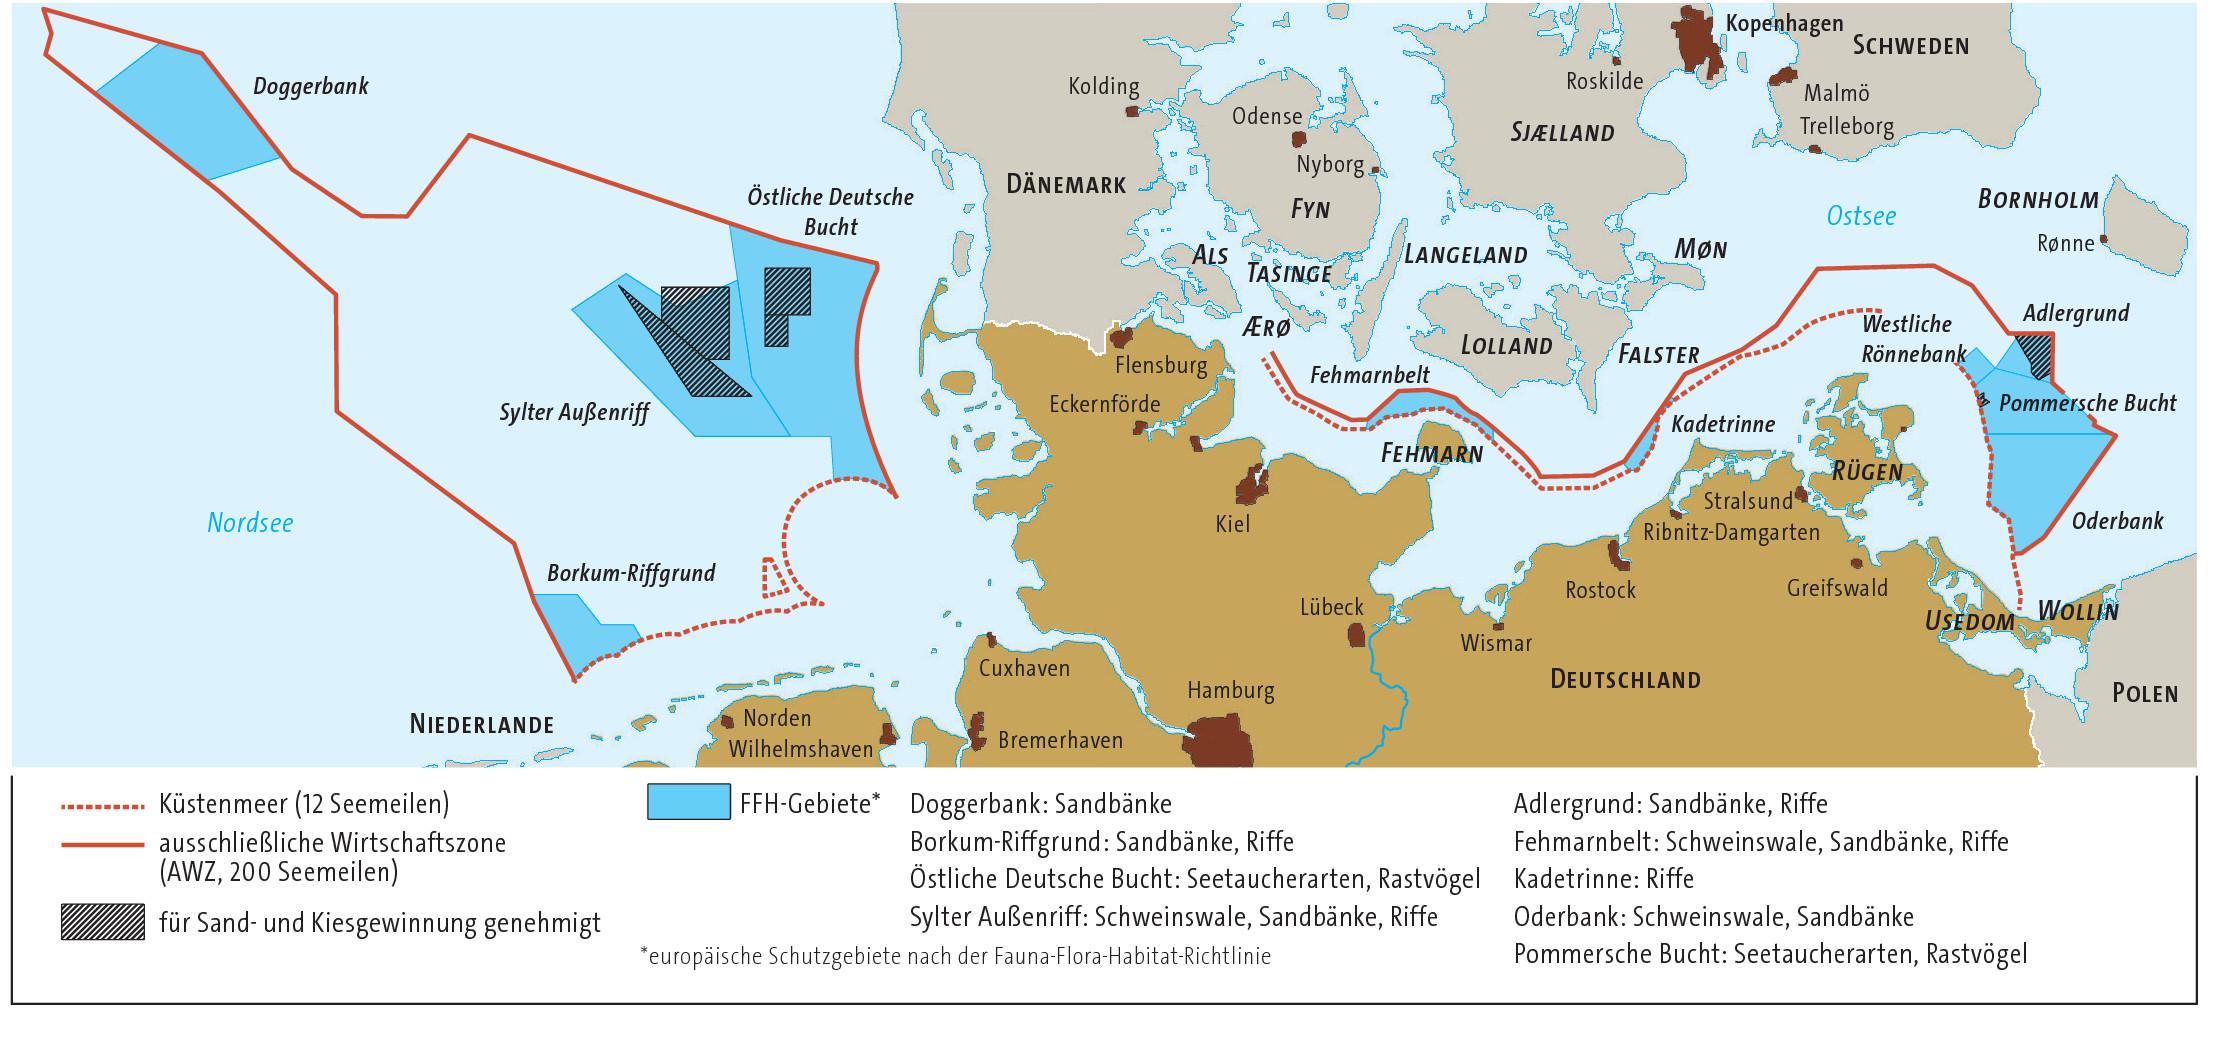 lmd karten - Karte Deutschland Ostsee